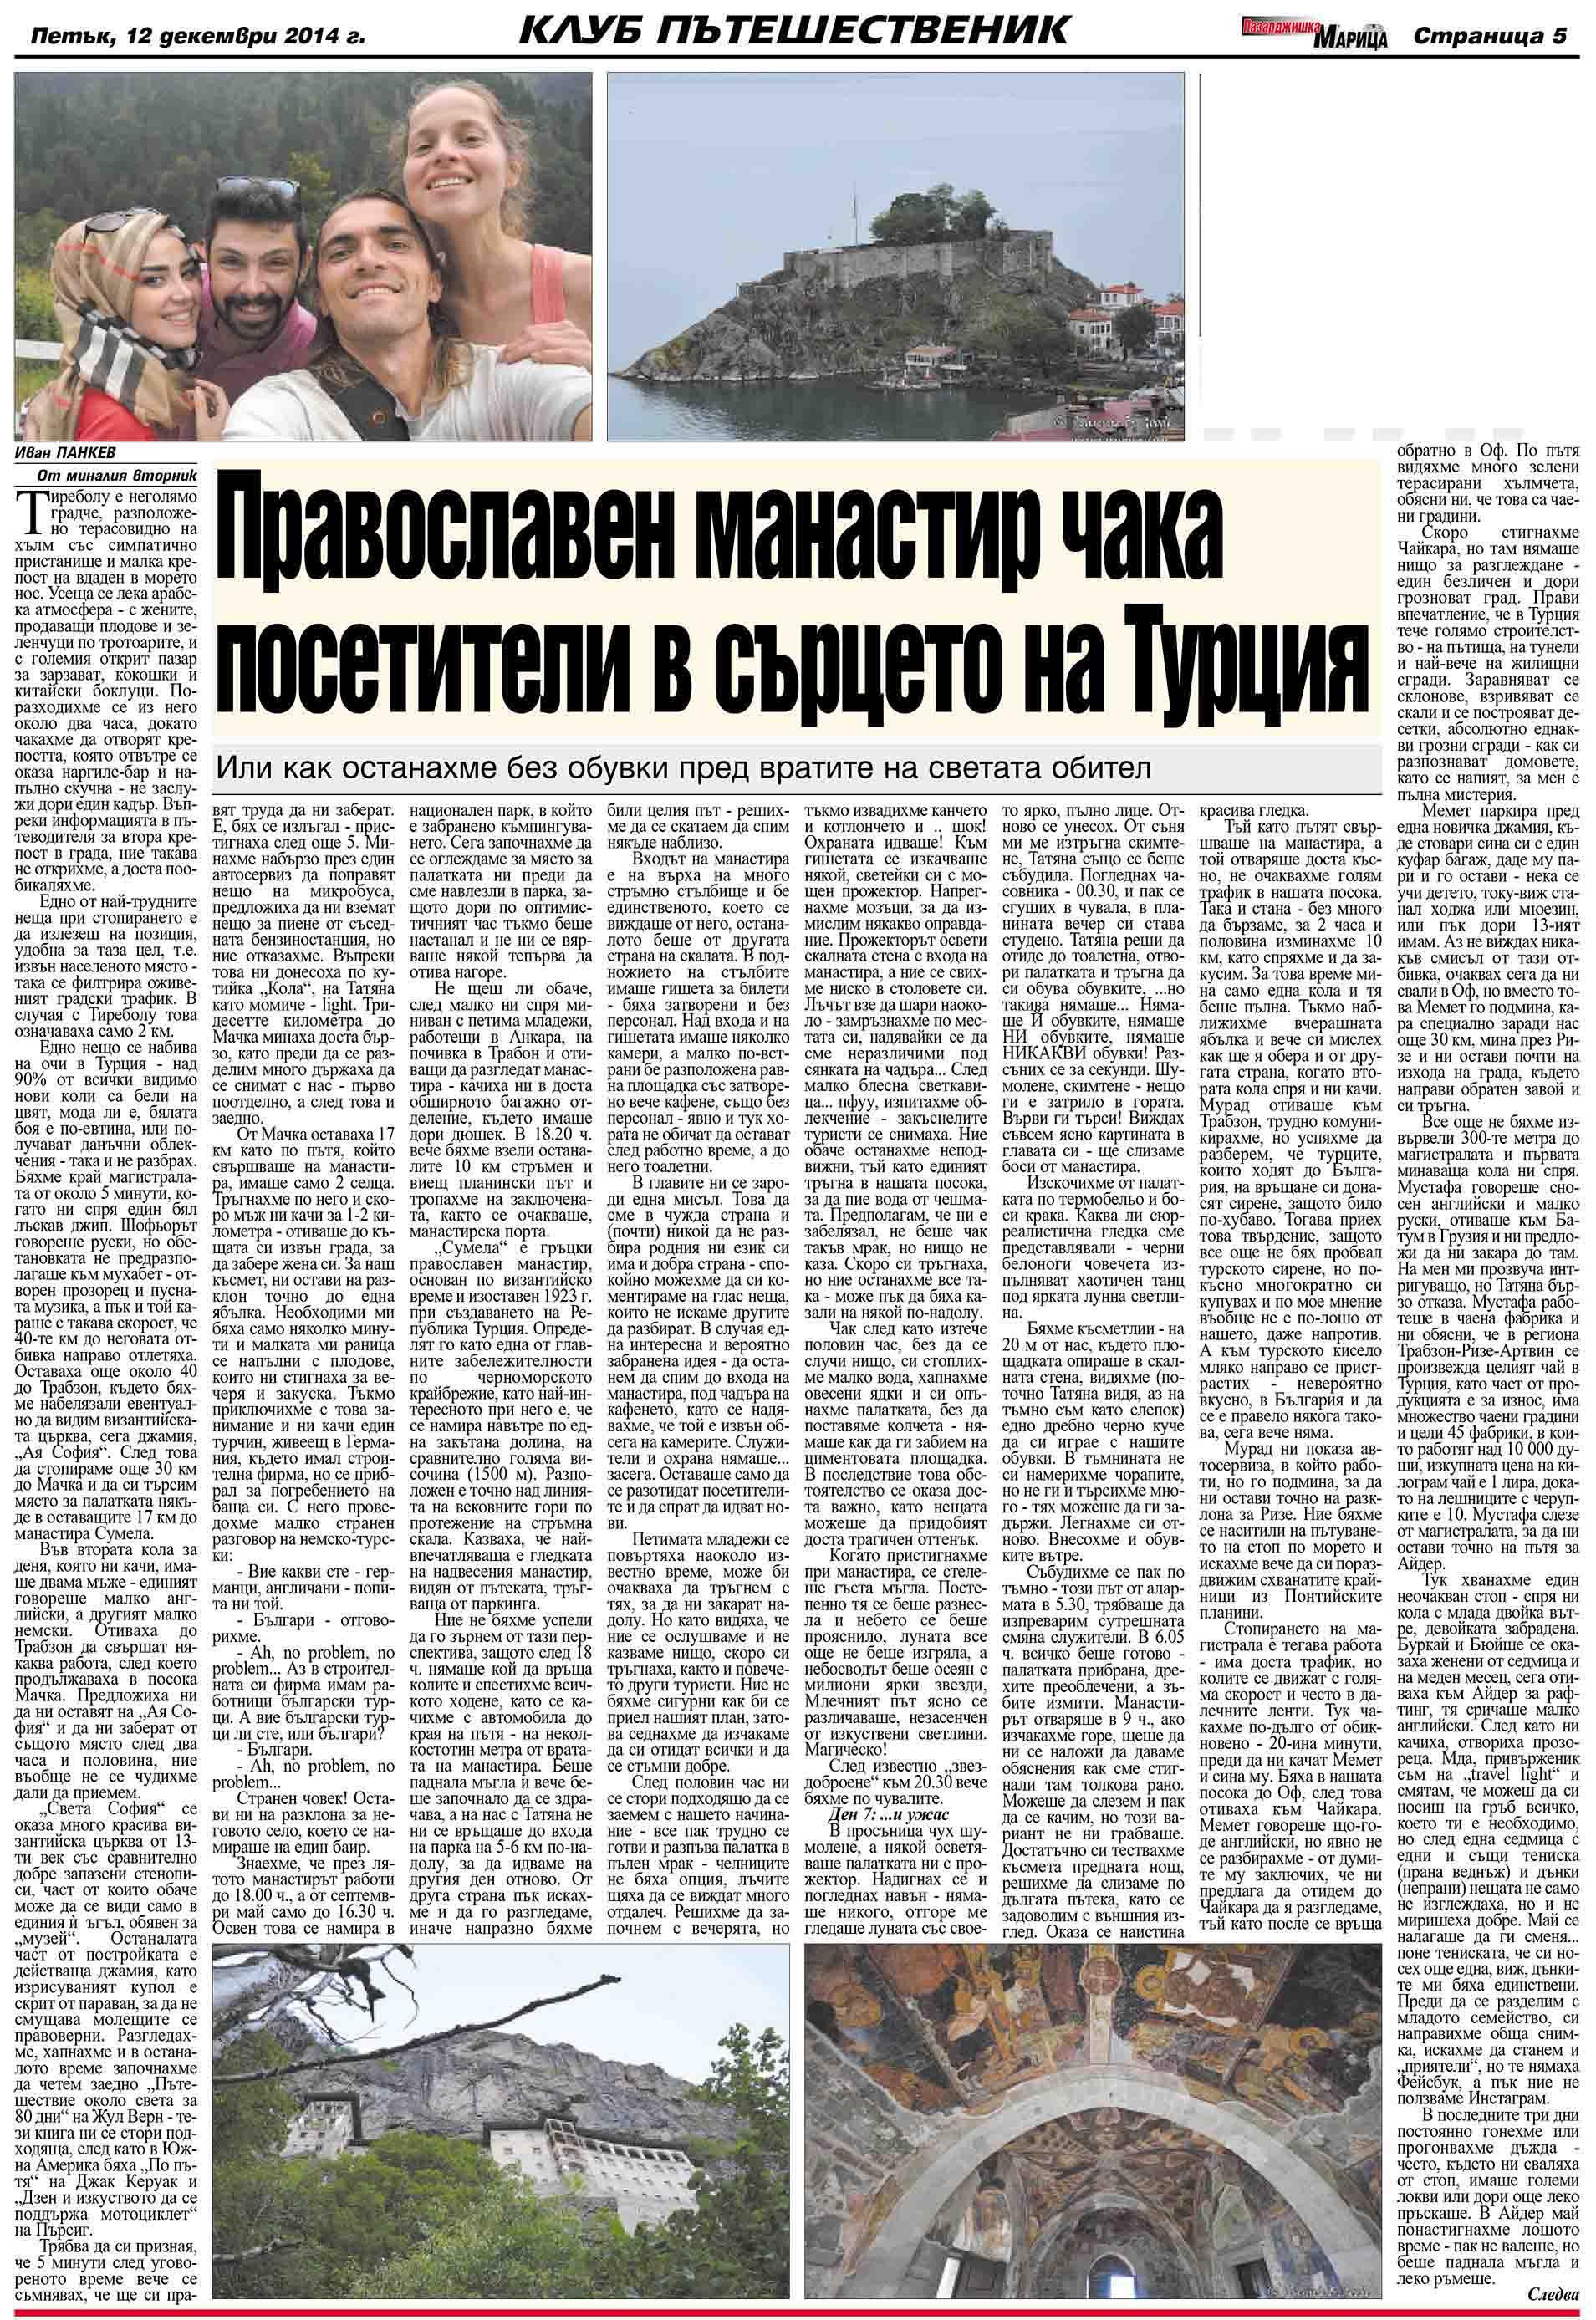 """""""Православен манастир чака посетители в сърцето на Турция"""" / """"Под сянката на Падишаха"""""""